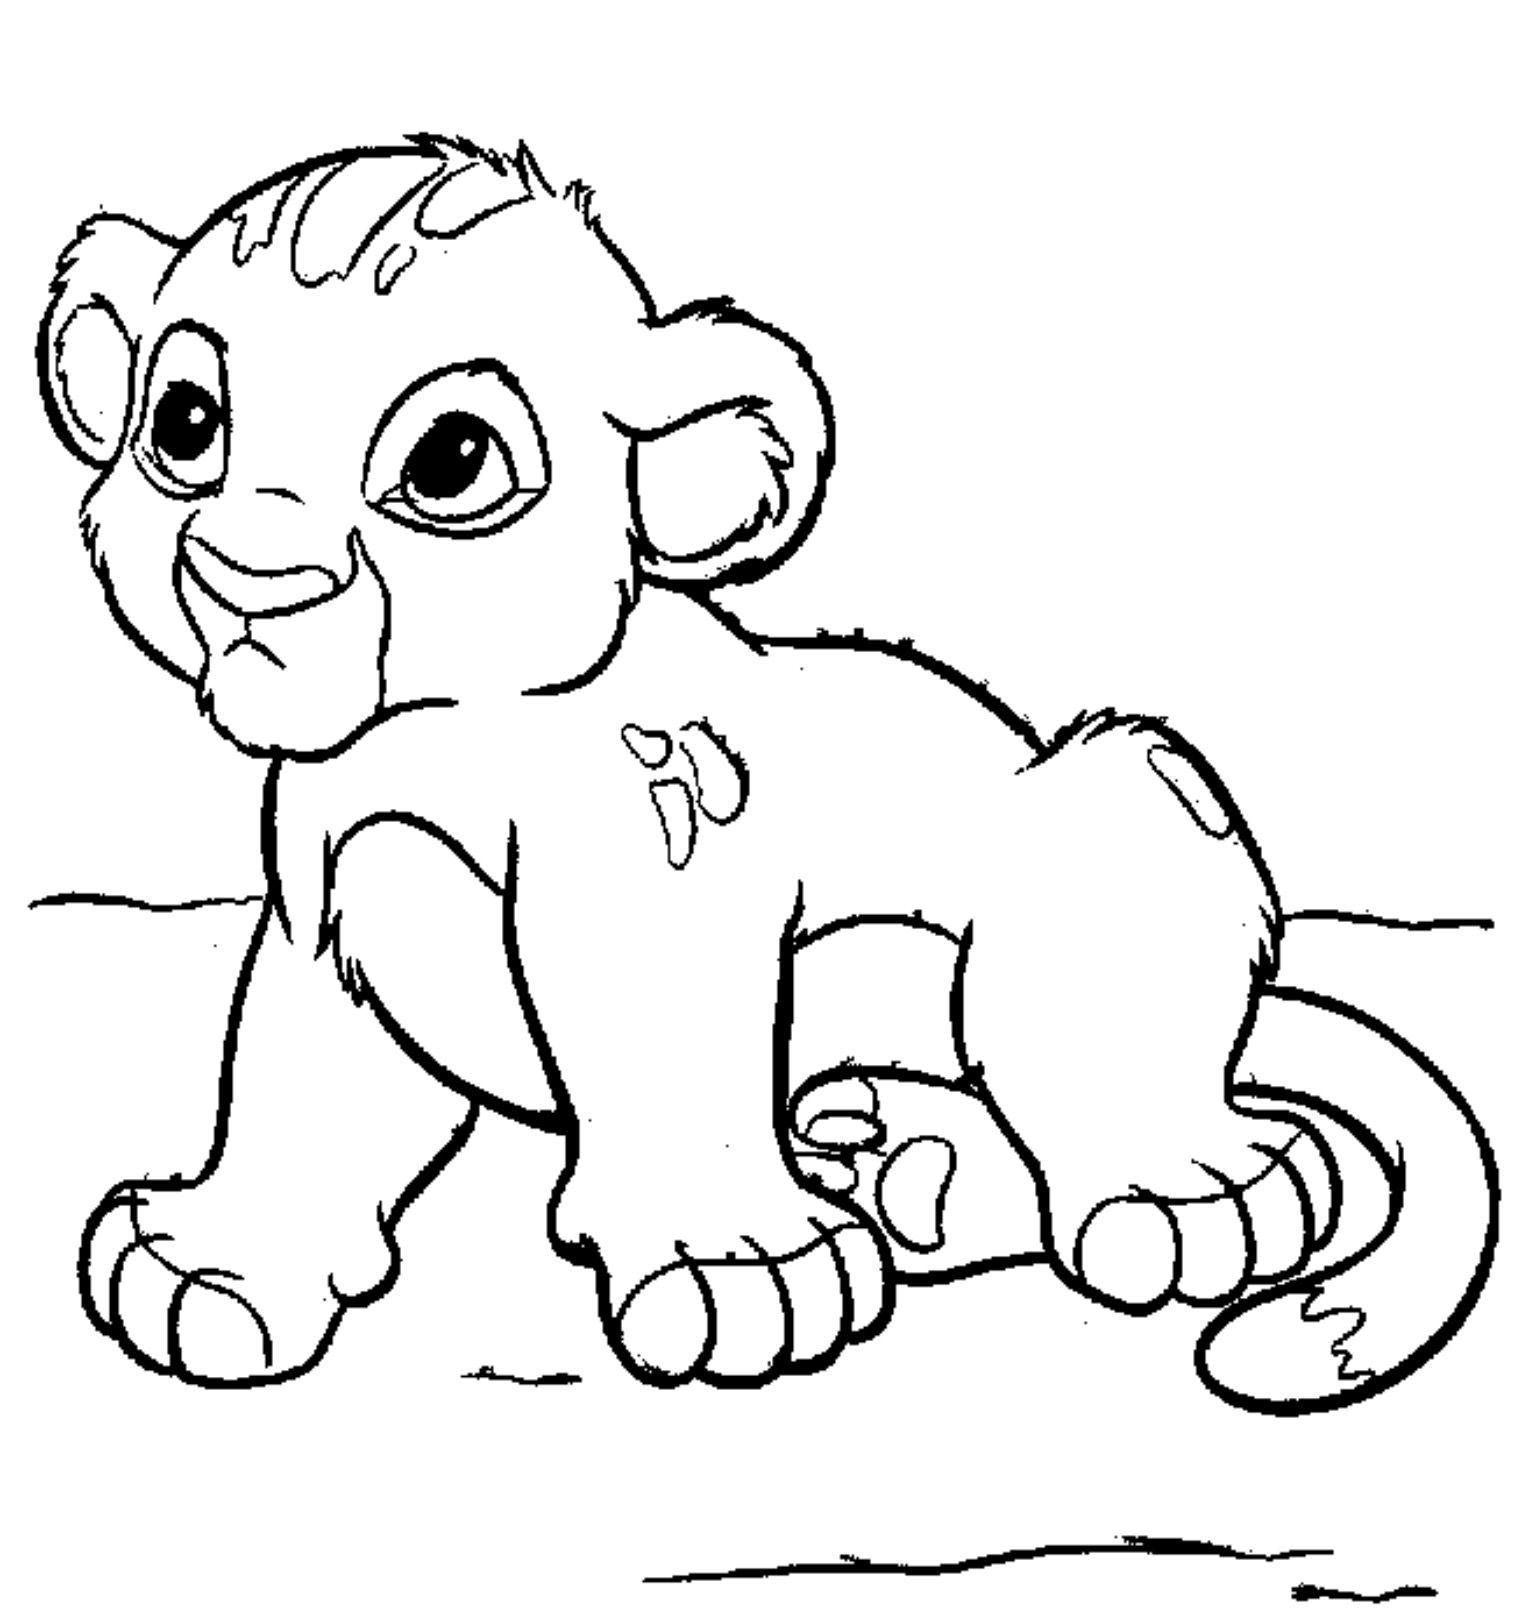 Lujo Dibujos Para Colorear Aristogatos Disney | Colore Ar La Imagen